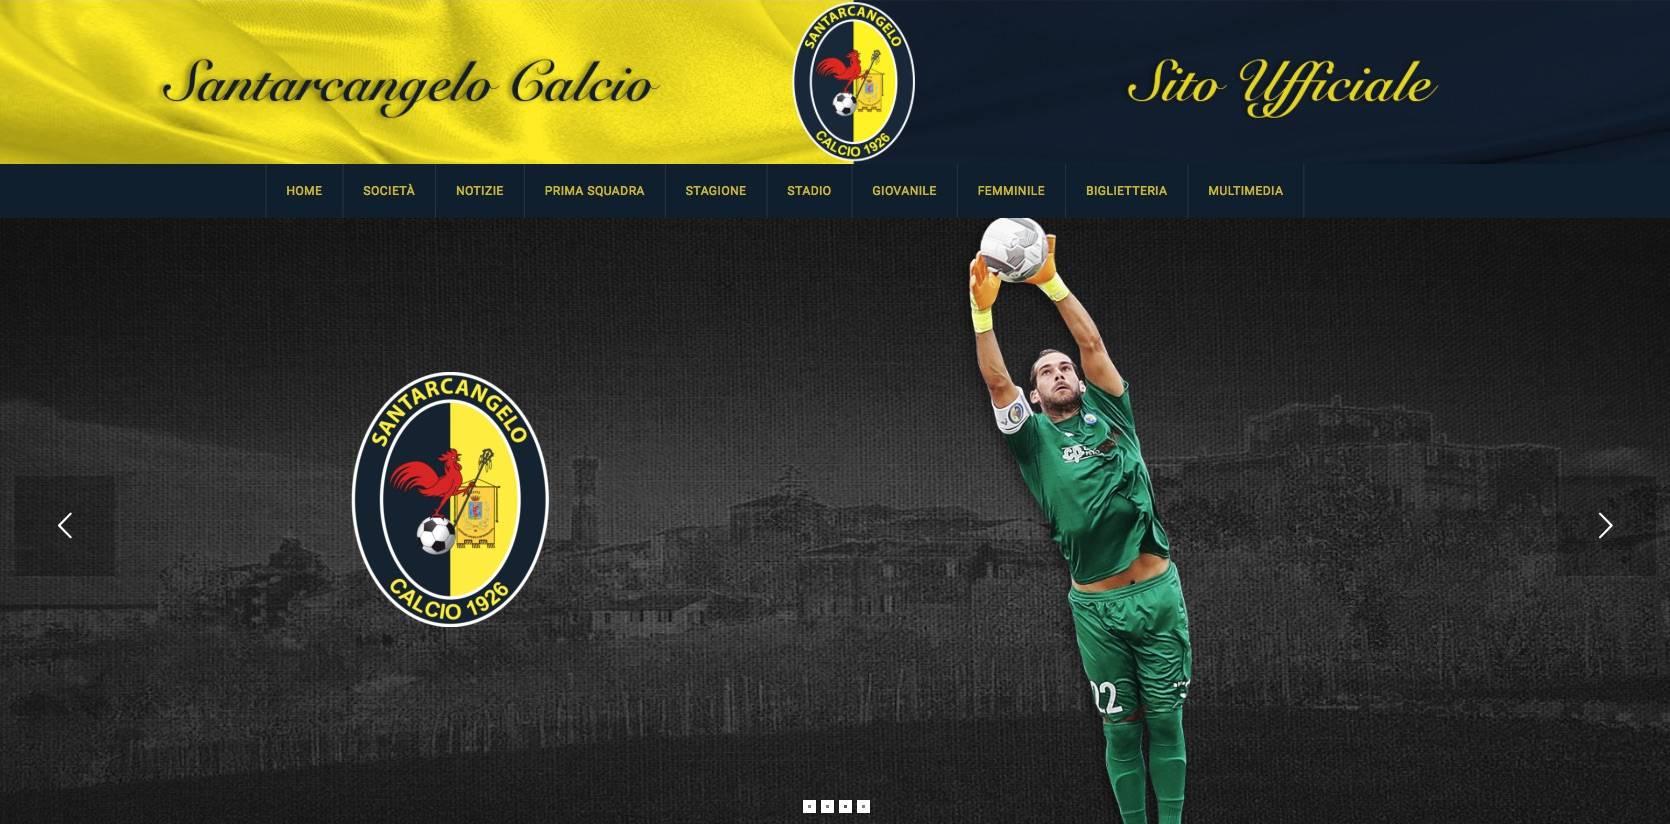 Il nuovo sito del Santarcangelo Calcio